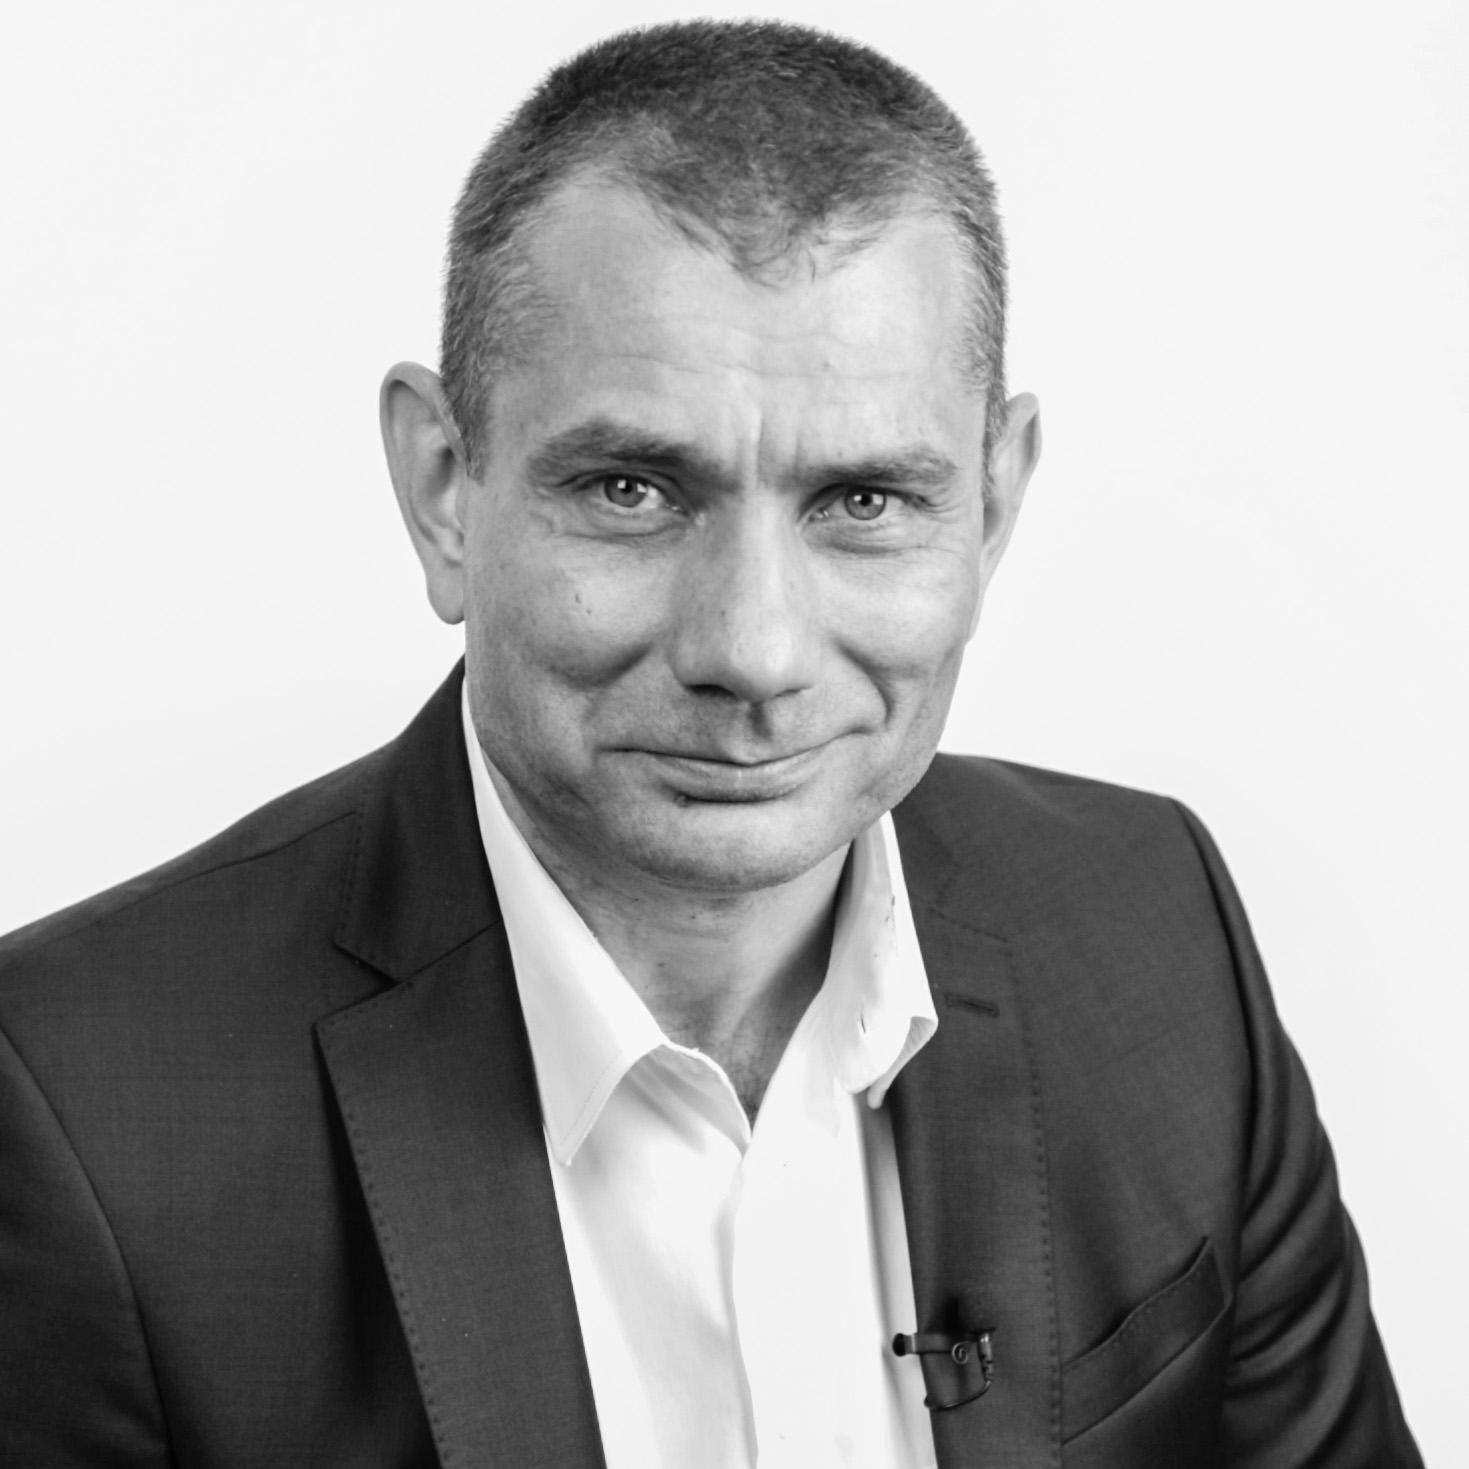 Jakub Bielerzewski